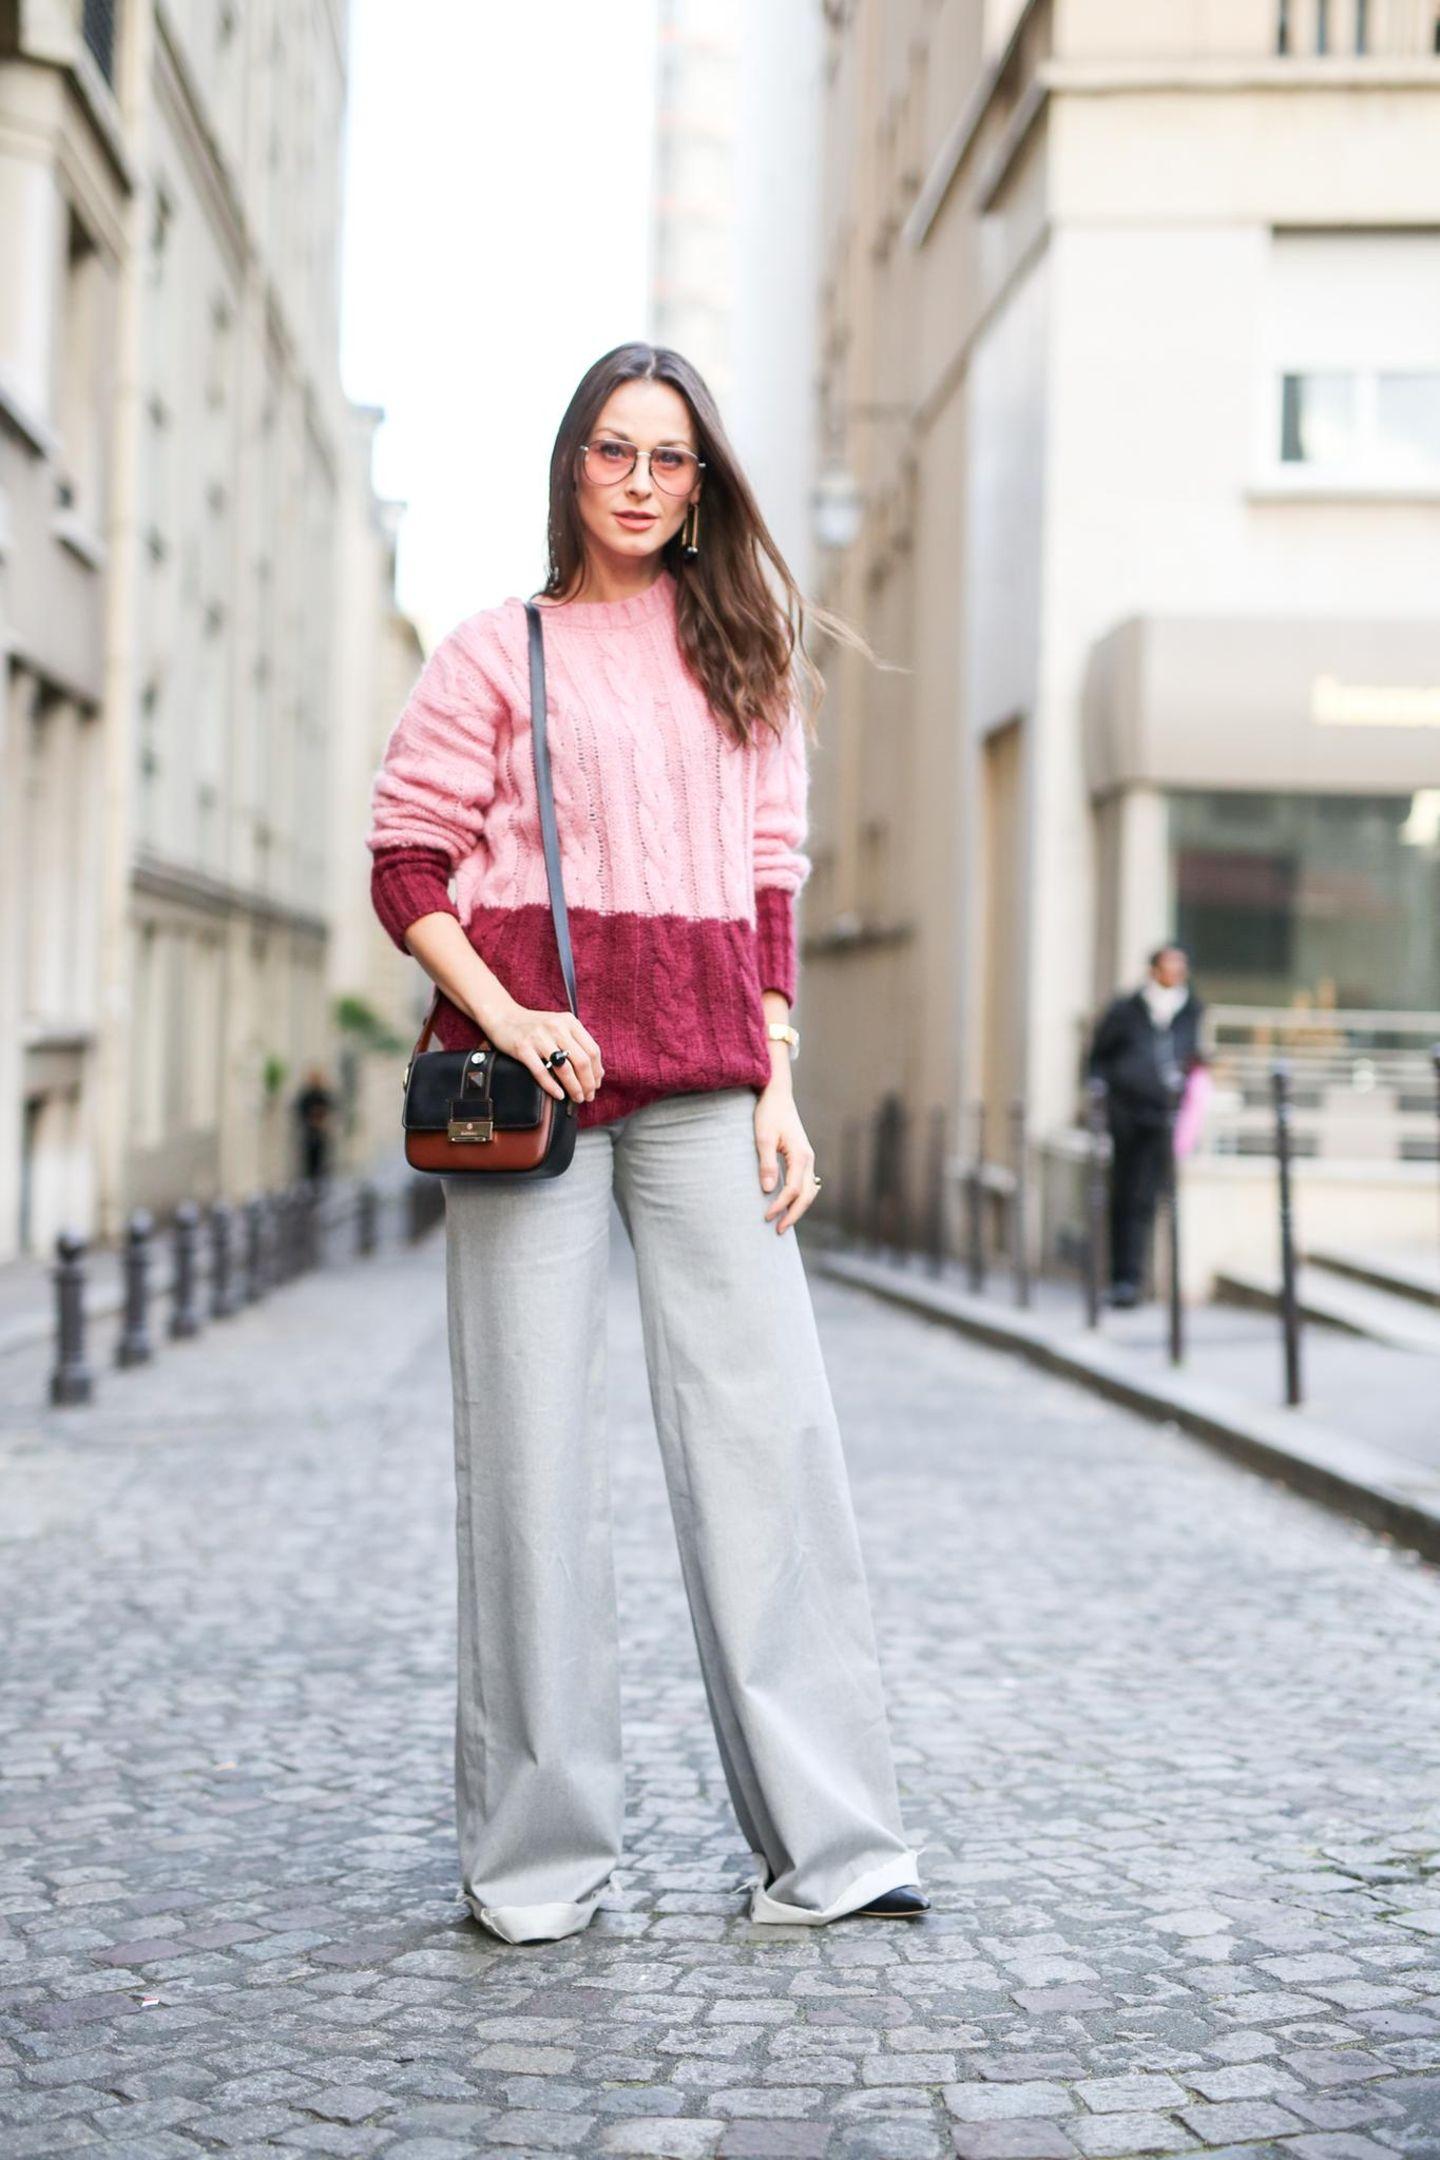 Streetstyle-Bloggerin mit Pullover und weiter Hose